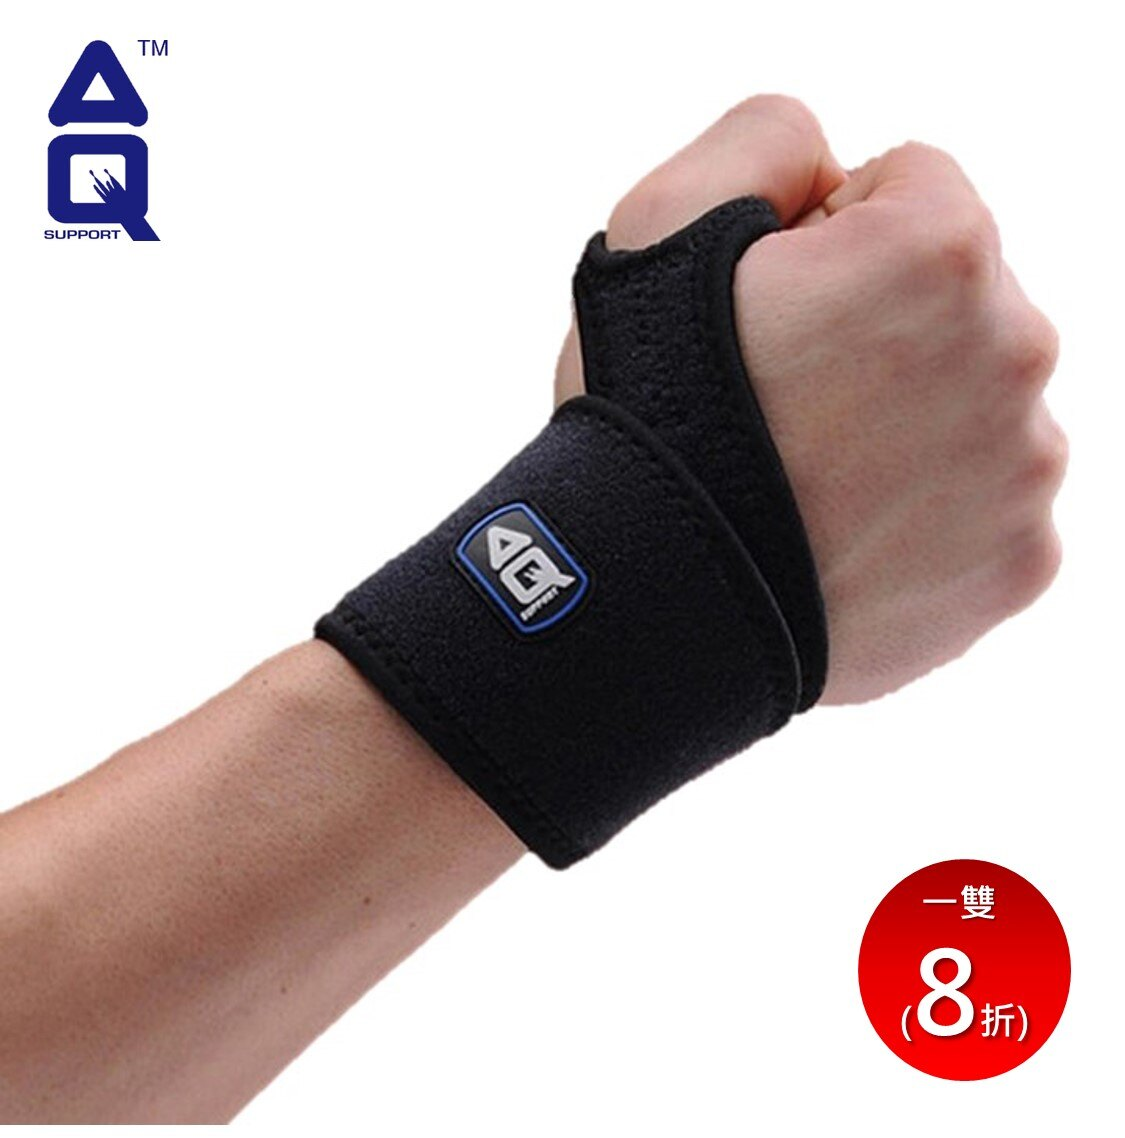 專業型手腕防護強化帶 (型號:5092SP) 護具 一雙(8折)  運動護具 護腕 強化帶 防護帶 AQ SUPPORT 14天免費退換貨